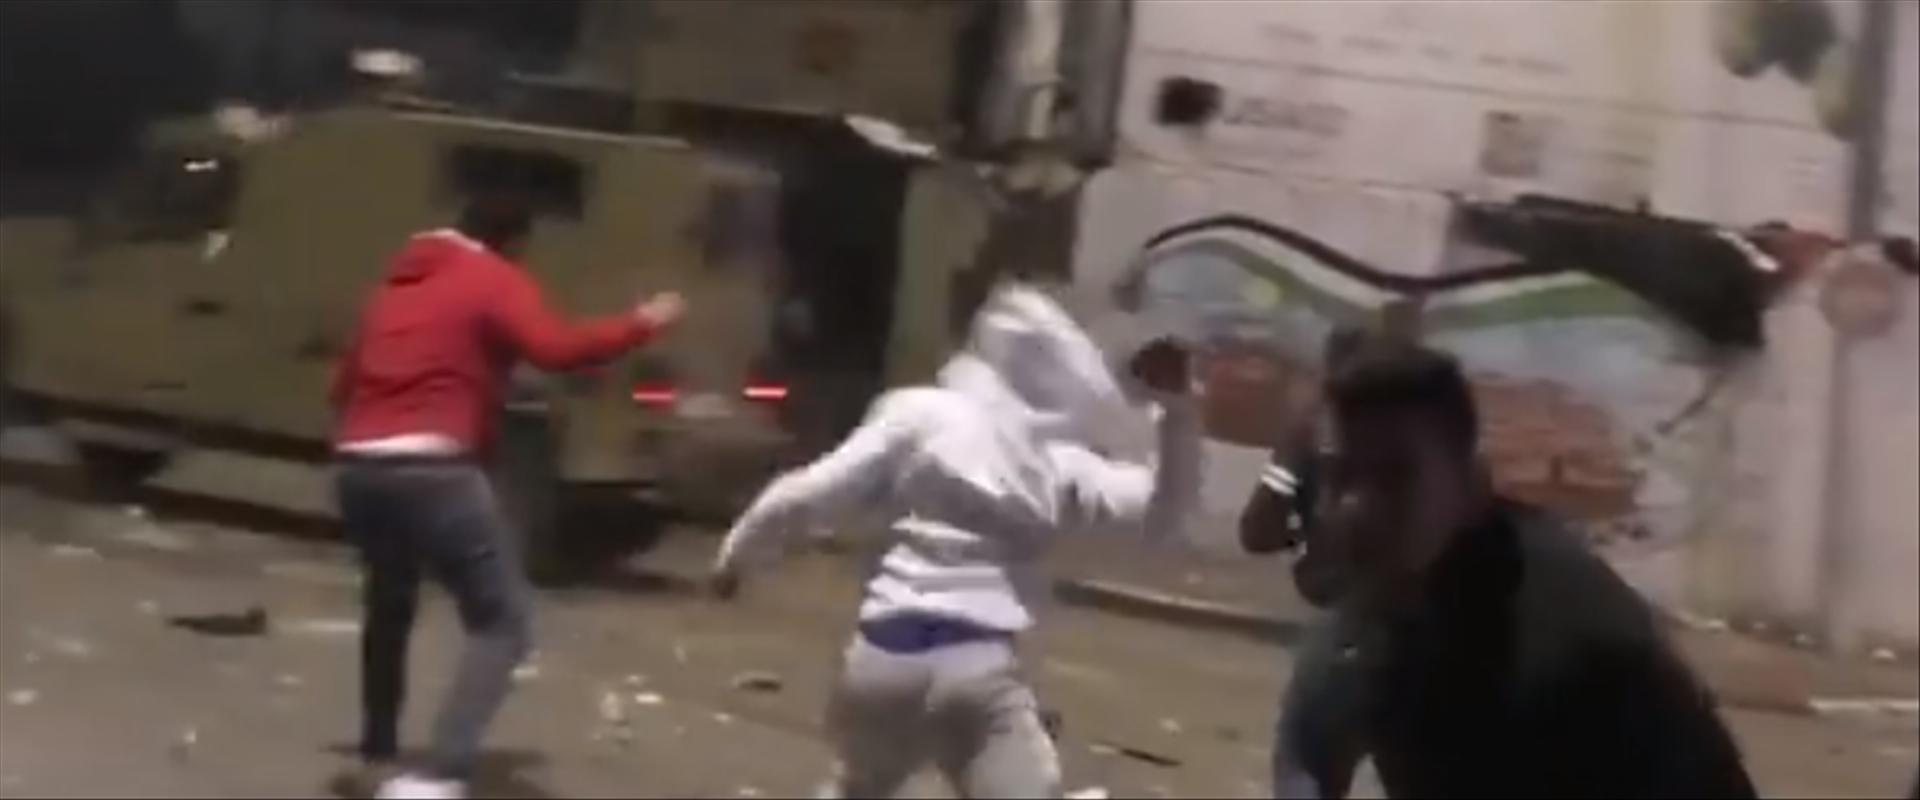 עימותים ברמאללה בעת מעצר החשוד ברצח אורי אנסבכר